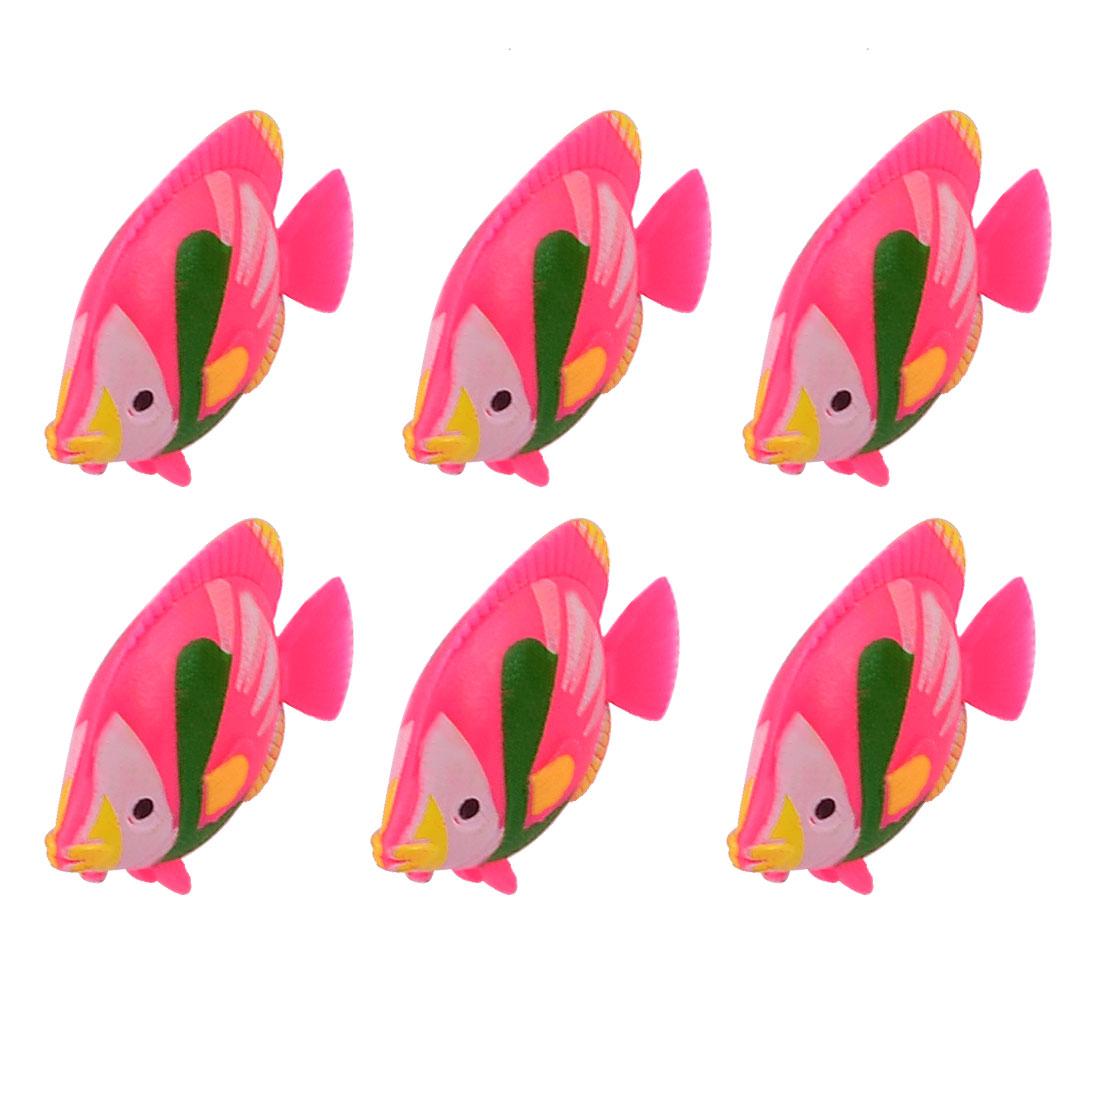 Tank Aquarium Decor Simulated Plastic Vivid Fish Ornament Hot Pink Green 6 Pcs